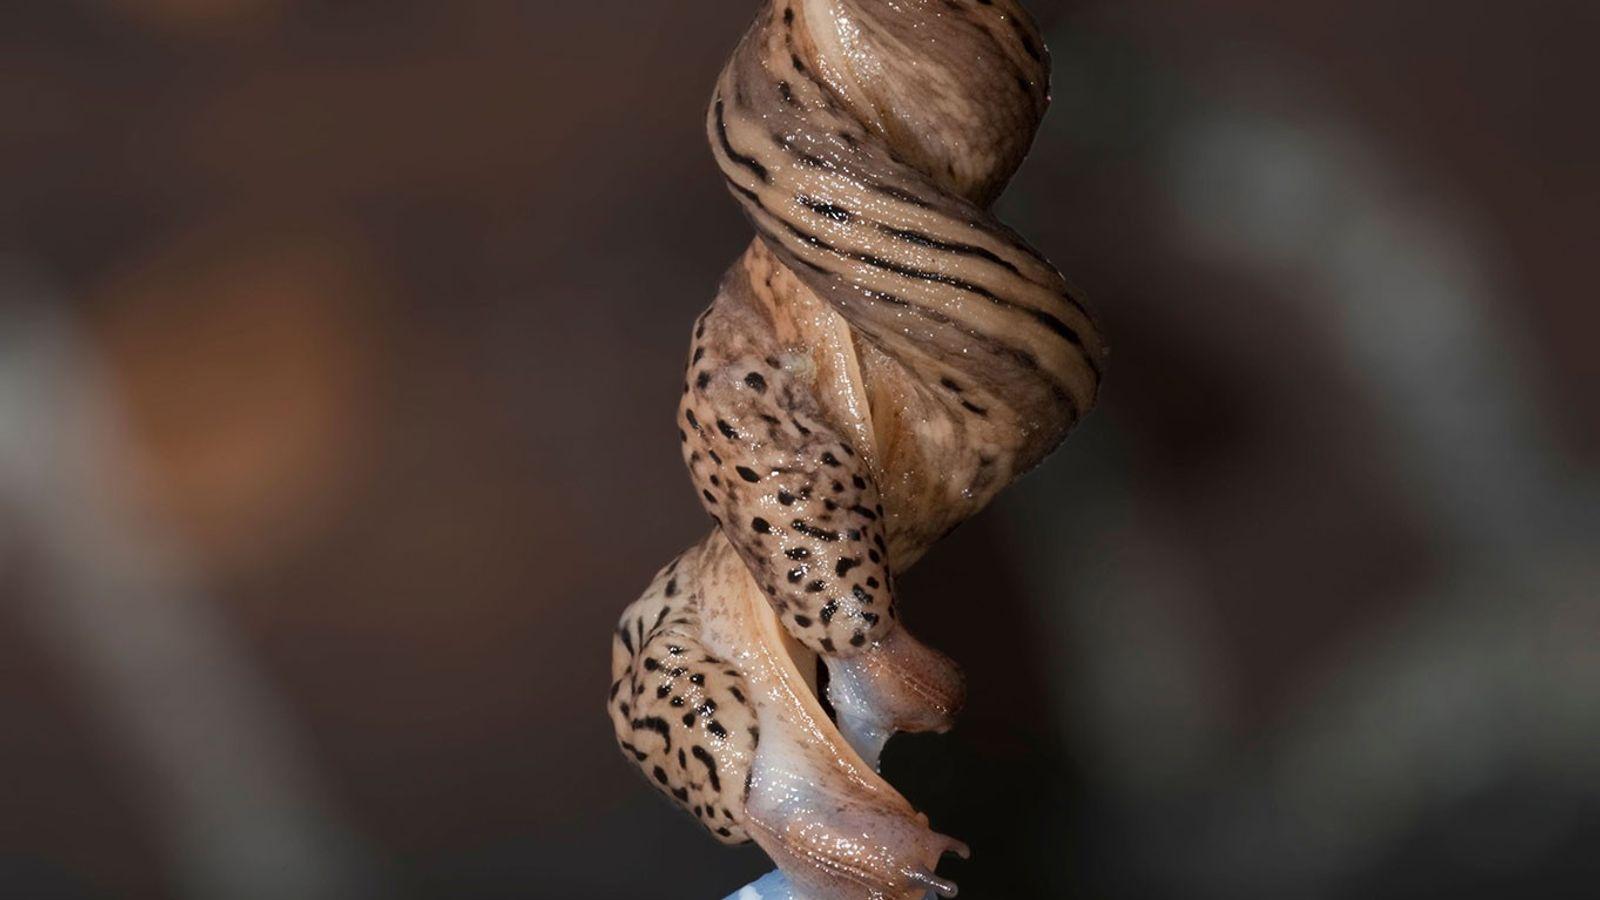 Deux limaces léopard se reproduisent en entrelaçant leurs corps, suspendues sur un fil de mucus.